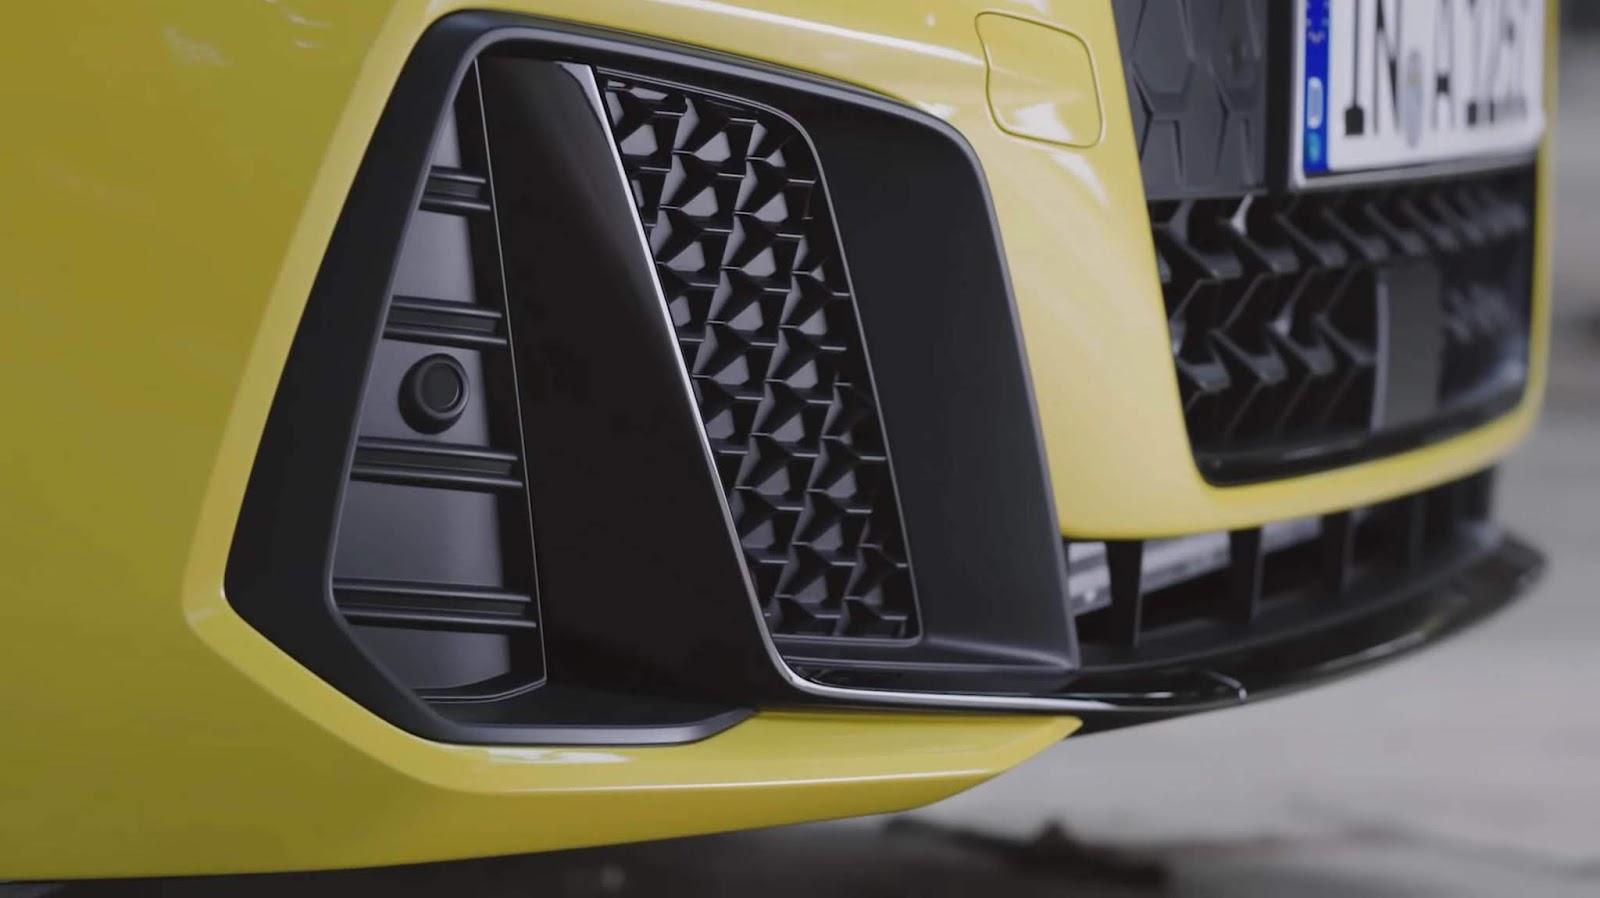 audi a1 2019 colore giallo dettaglio paraurti anteriore, prese d'aria e griglia singla frame